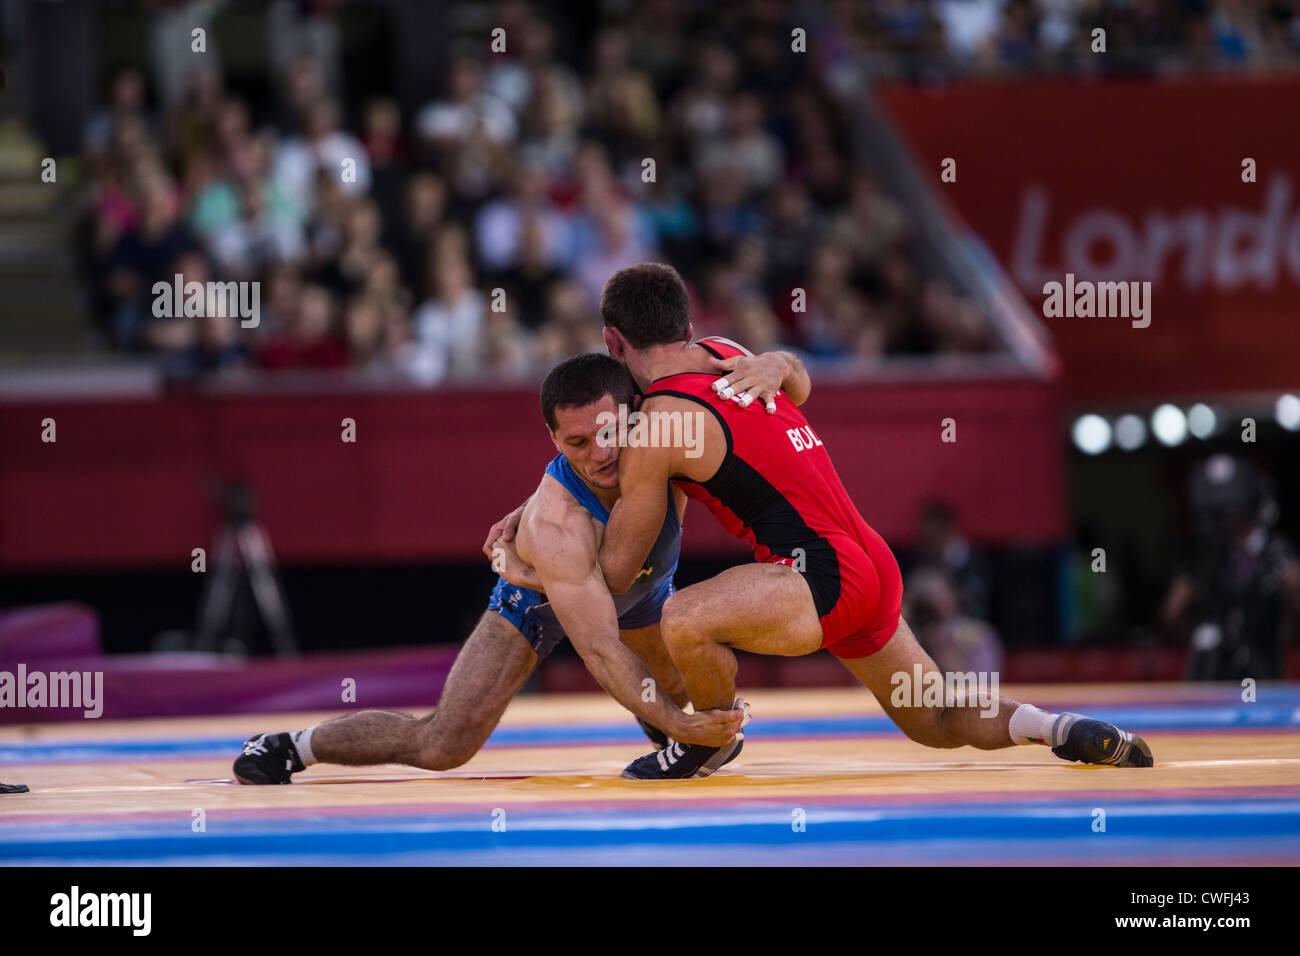 Uomini 55kg Freestyle Wrestling a t egli Olimpiadi estive, Londra 2012 Immagini Stock